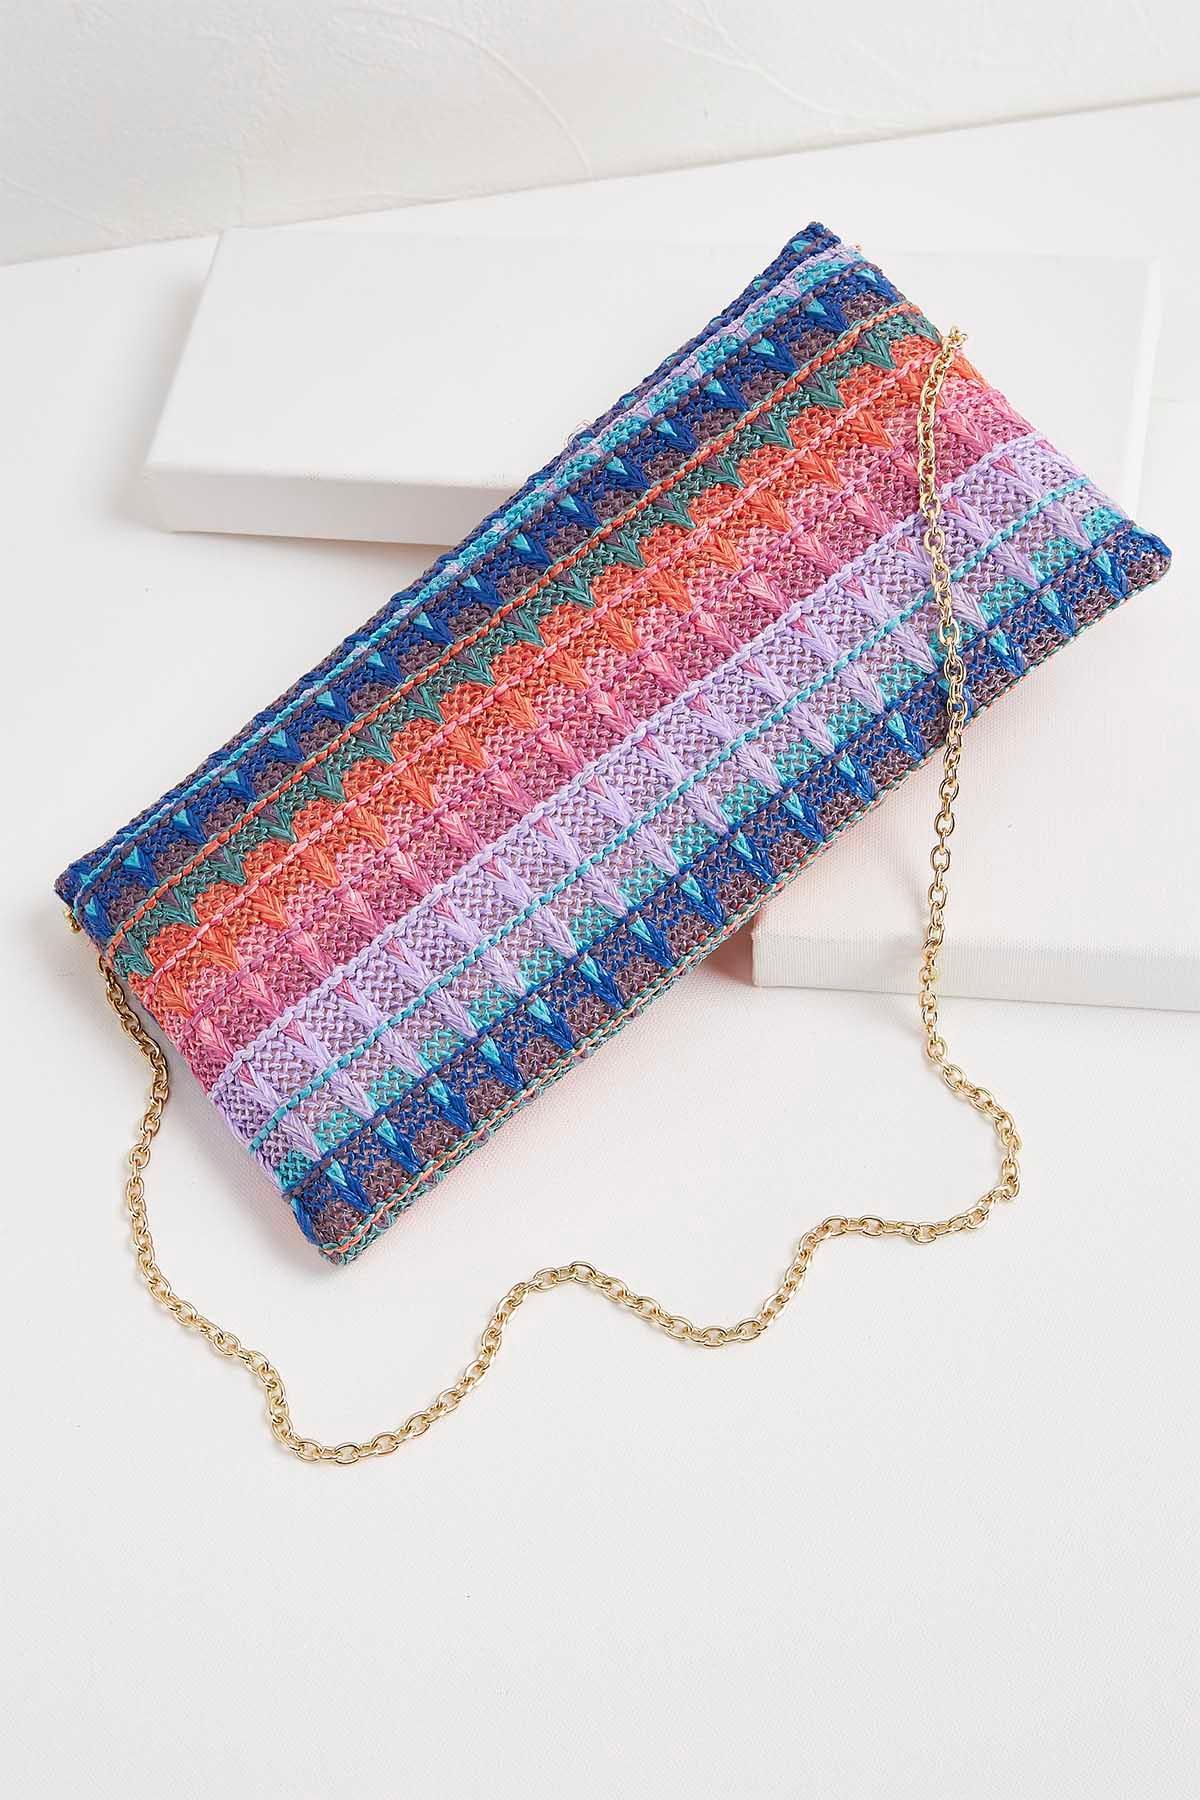 Multicolored Woven Straw Clutch